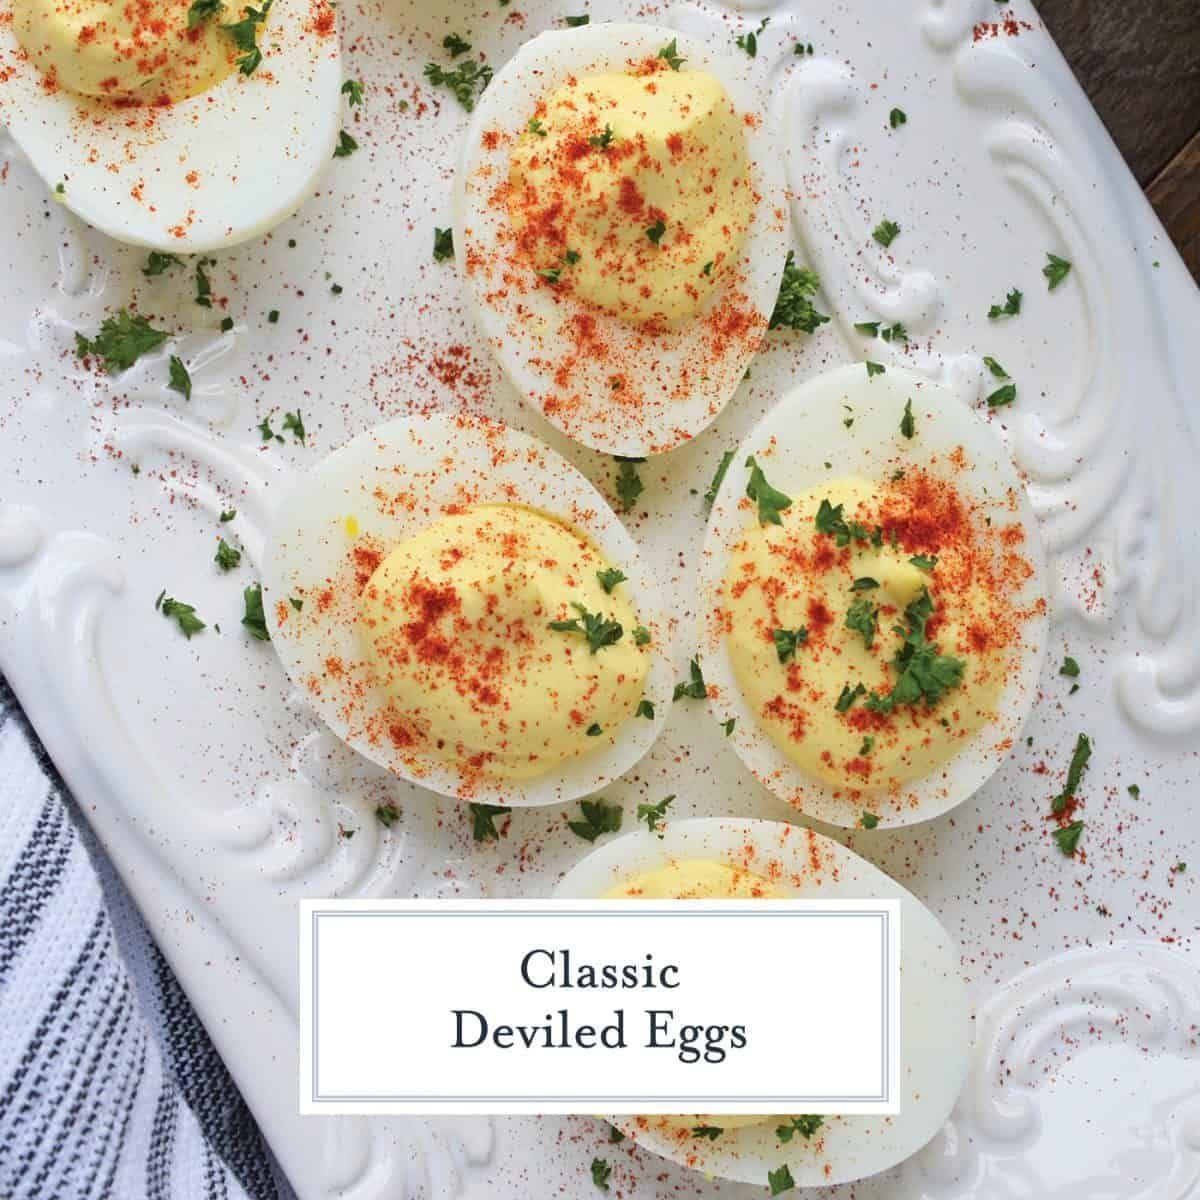 Classic Deviled Eggs #deviledeggs